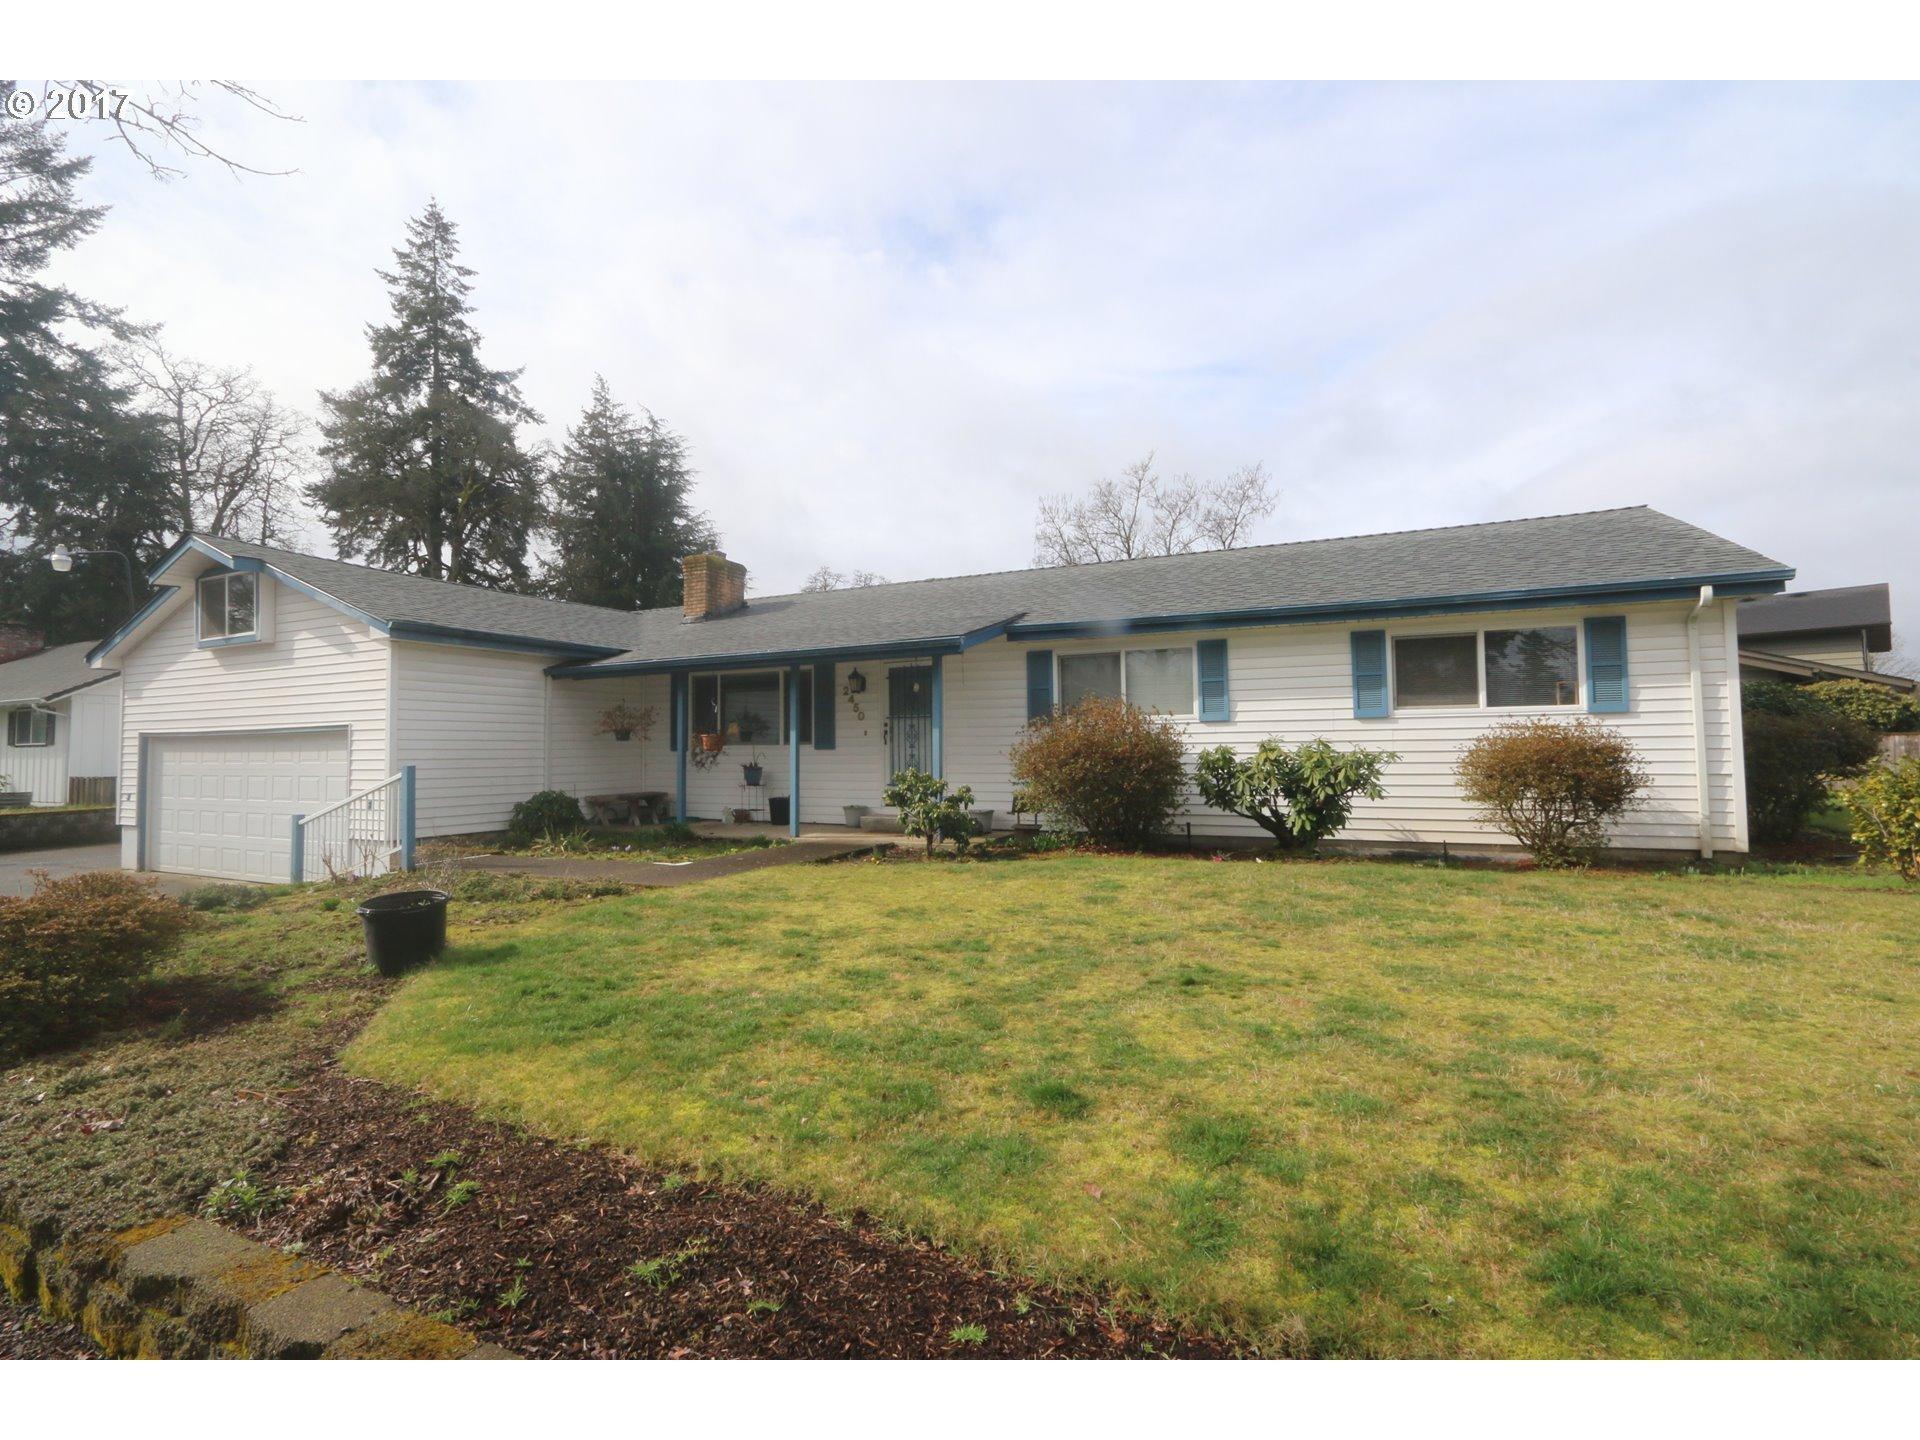 2450 LEYTON LN, Eugene, OR 97404